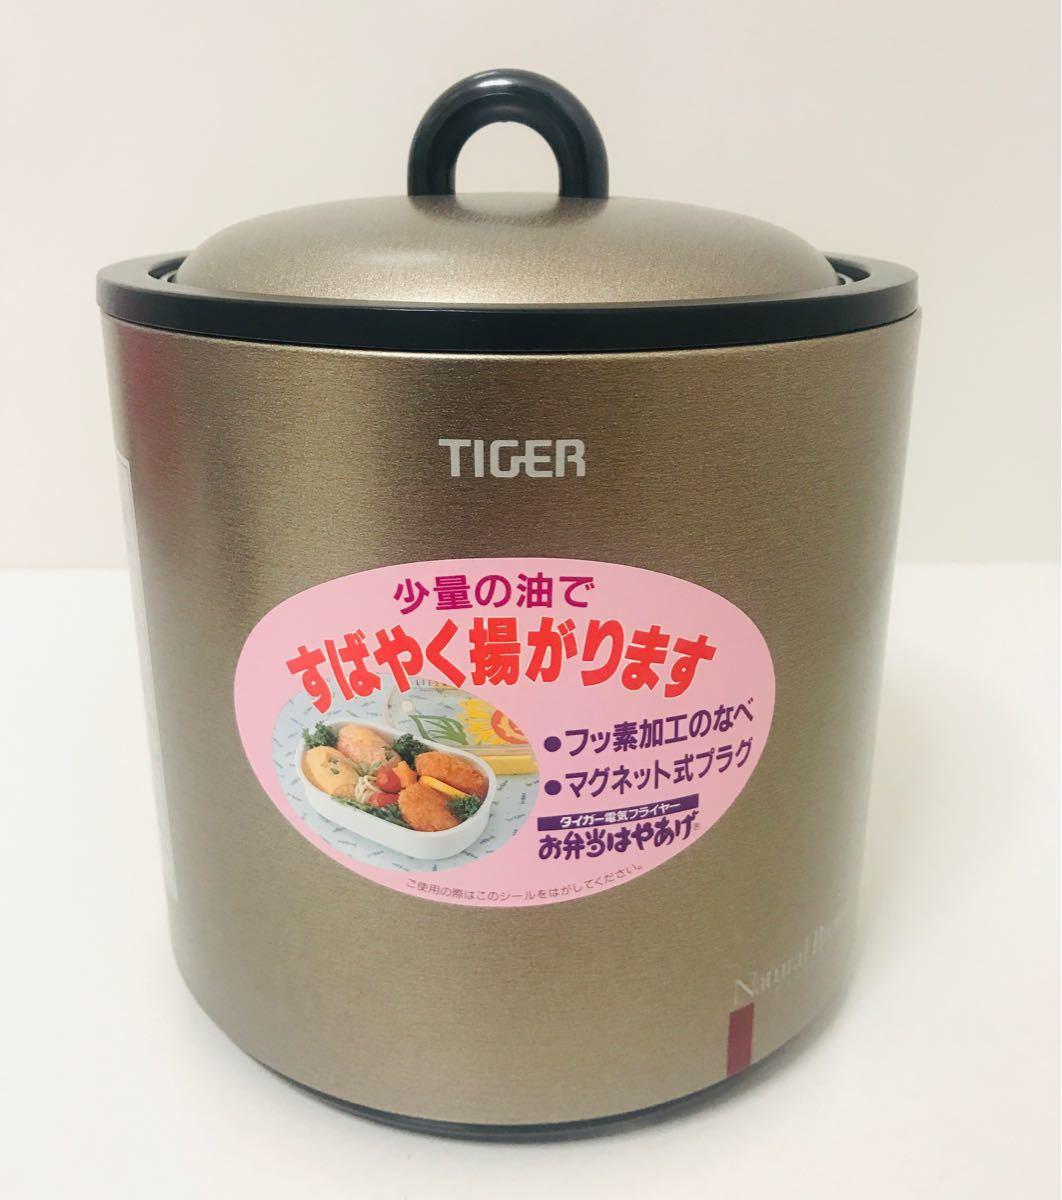 TIGER お弁当はやあげ 電気フライヤー CFG-A050-T